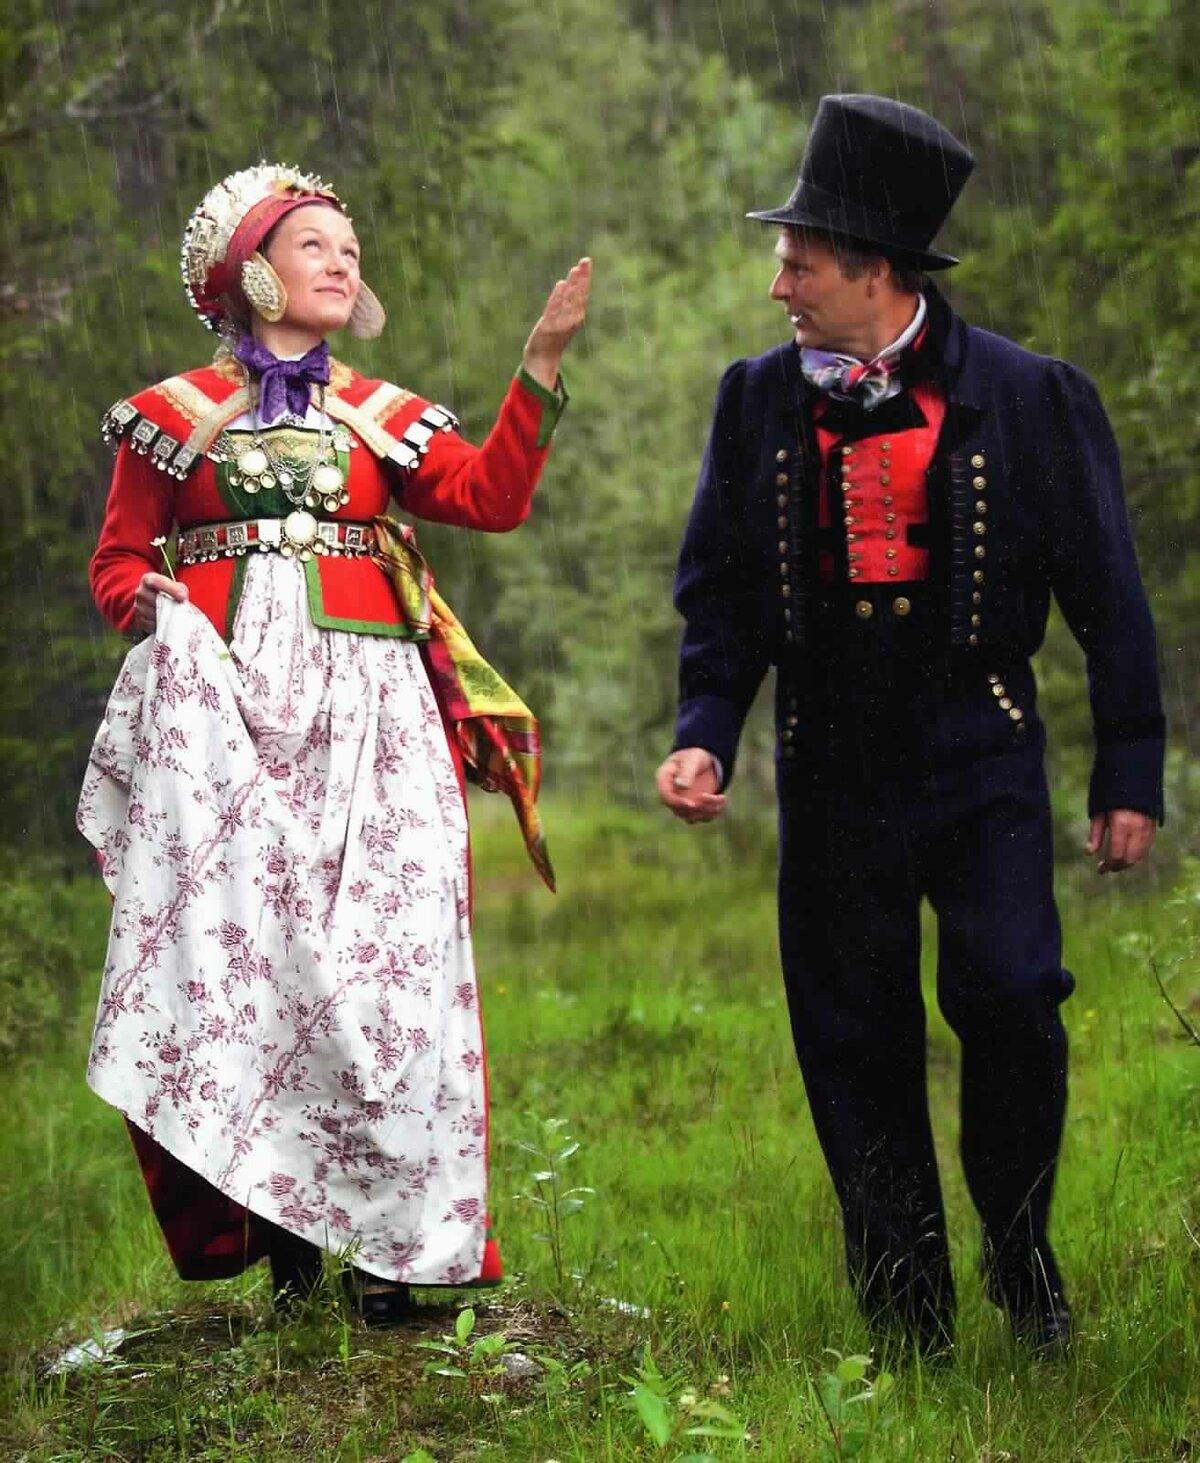 услуги народные костюмы картинки разных странах прошлом году мужем